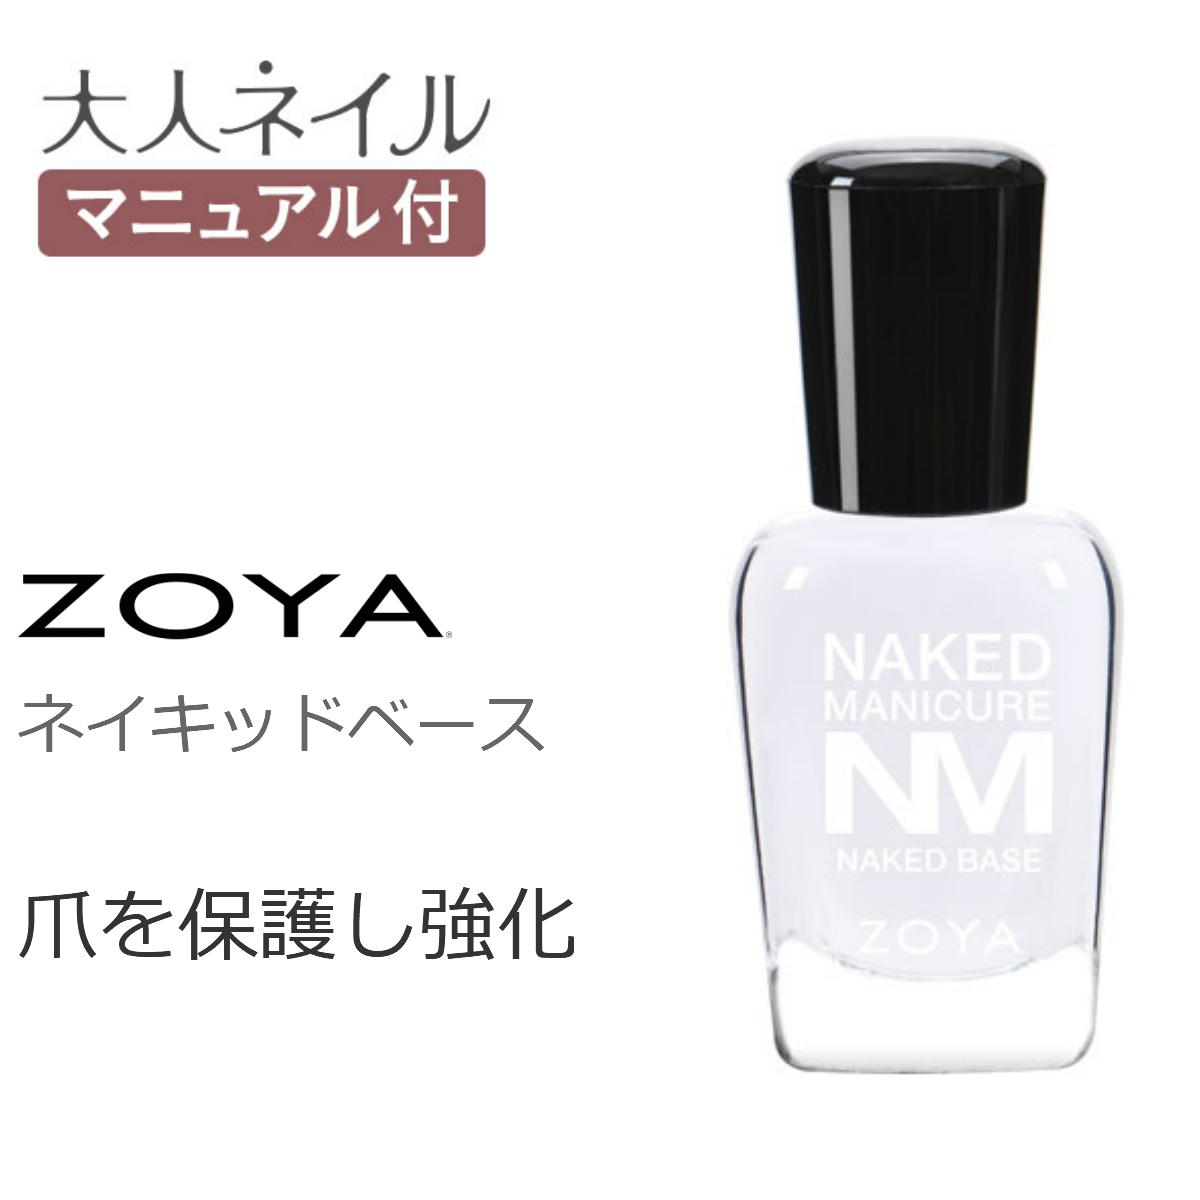 ZOYA ゾーヤ ネイキッドマニキュア ネイキッドベース 15ml 補強 成長促進 ベースコート 強化